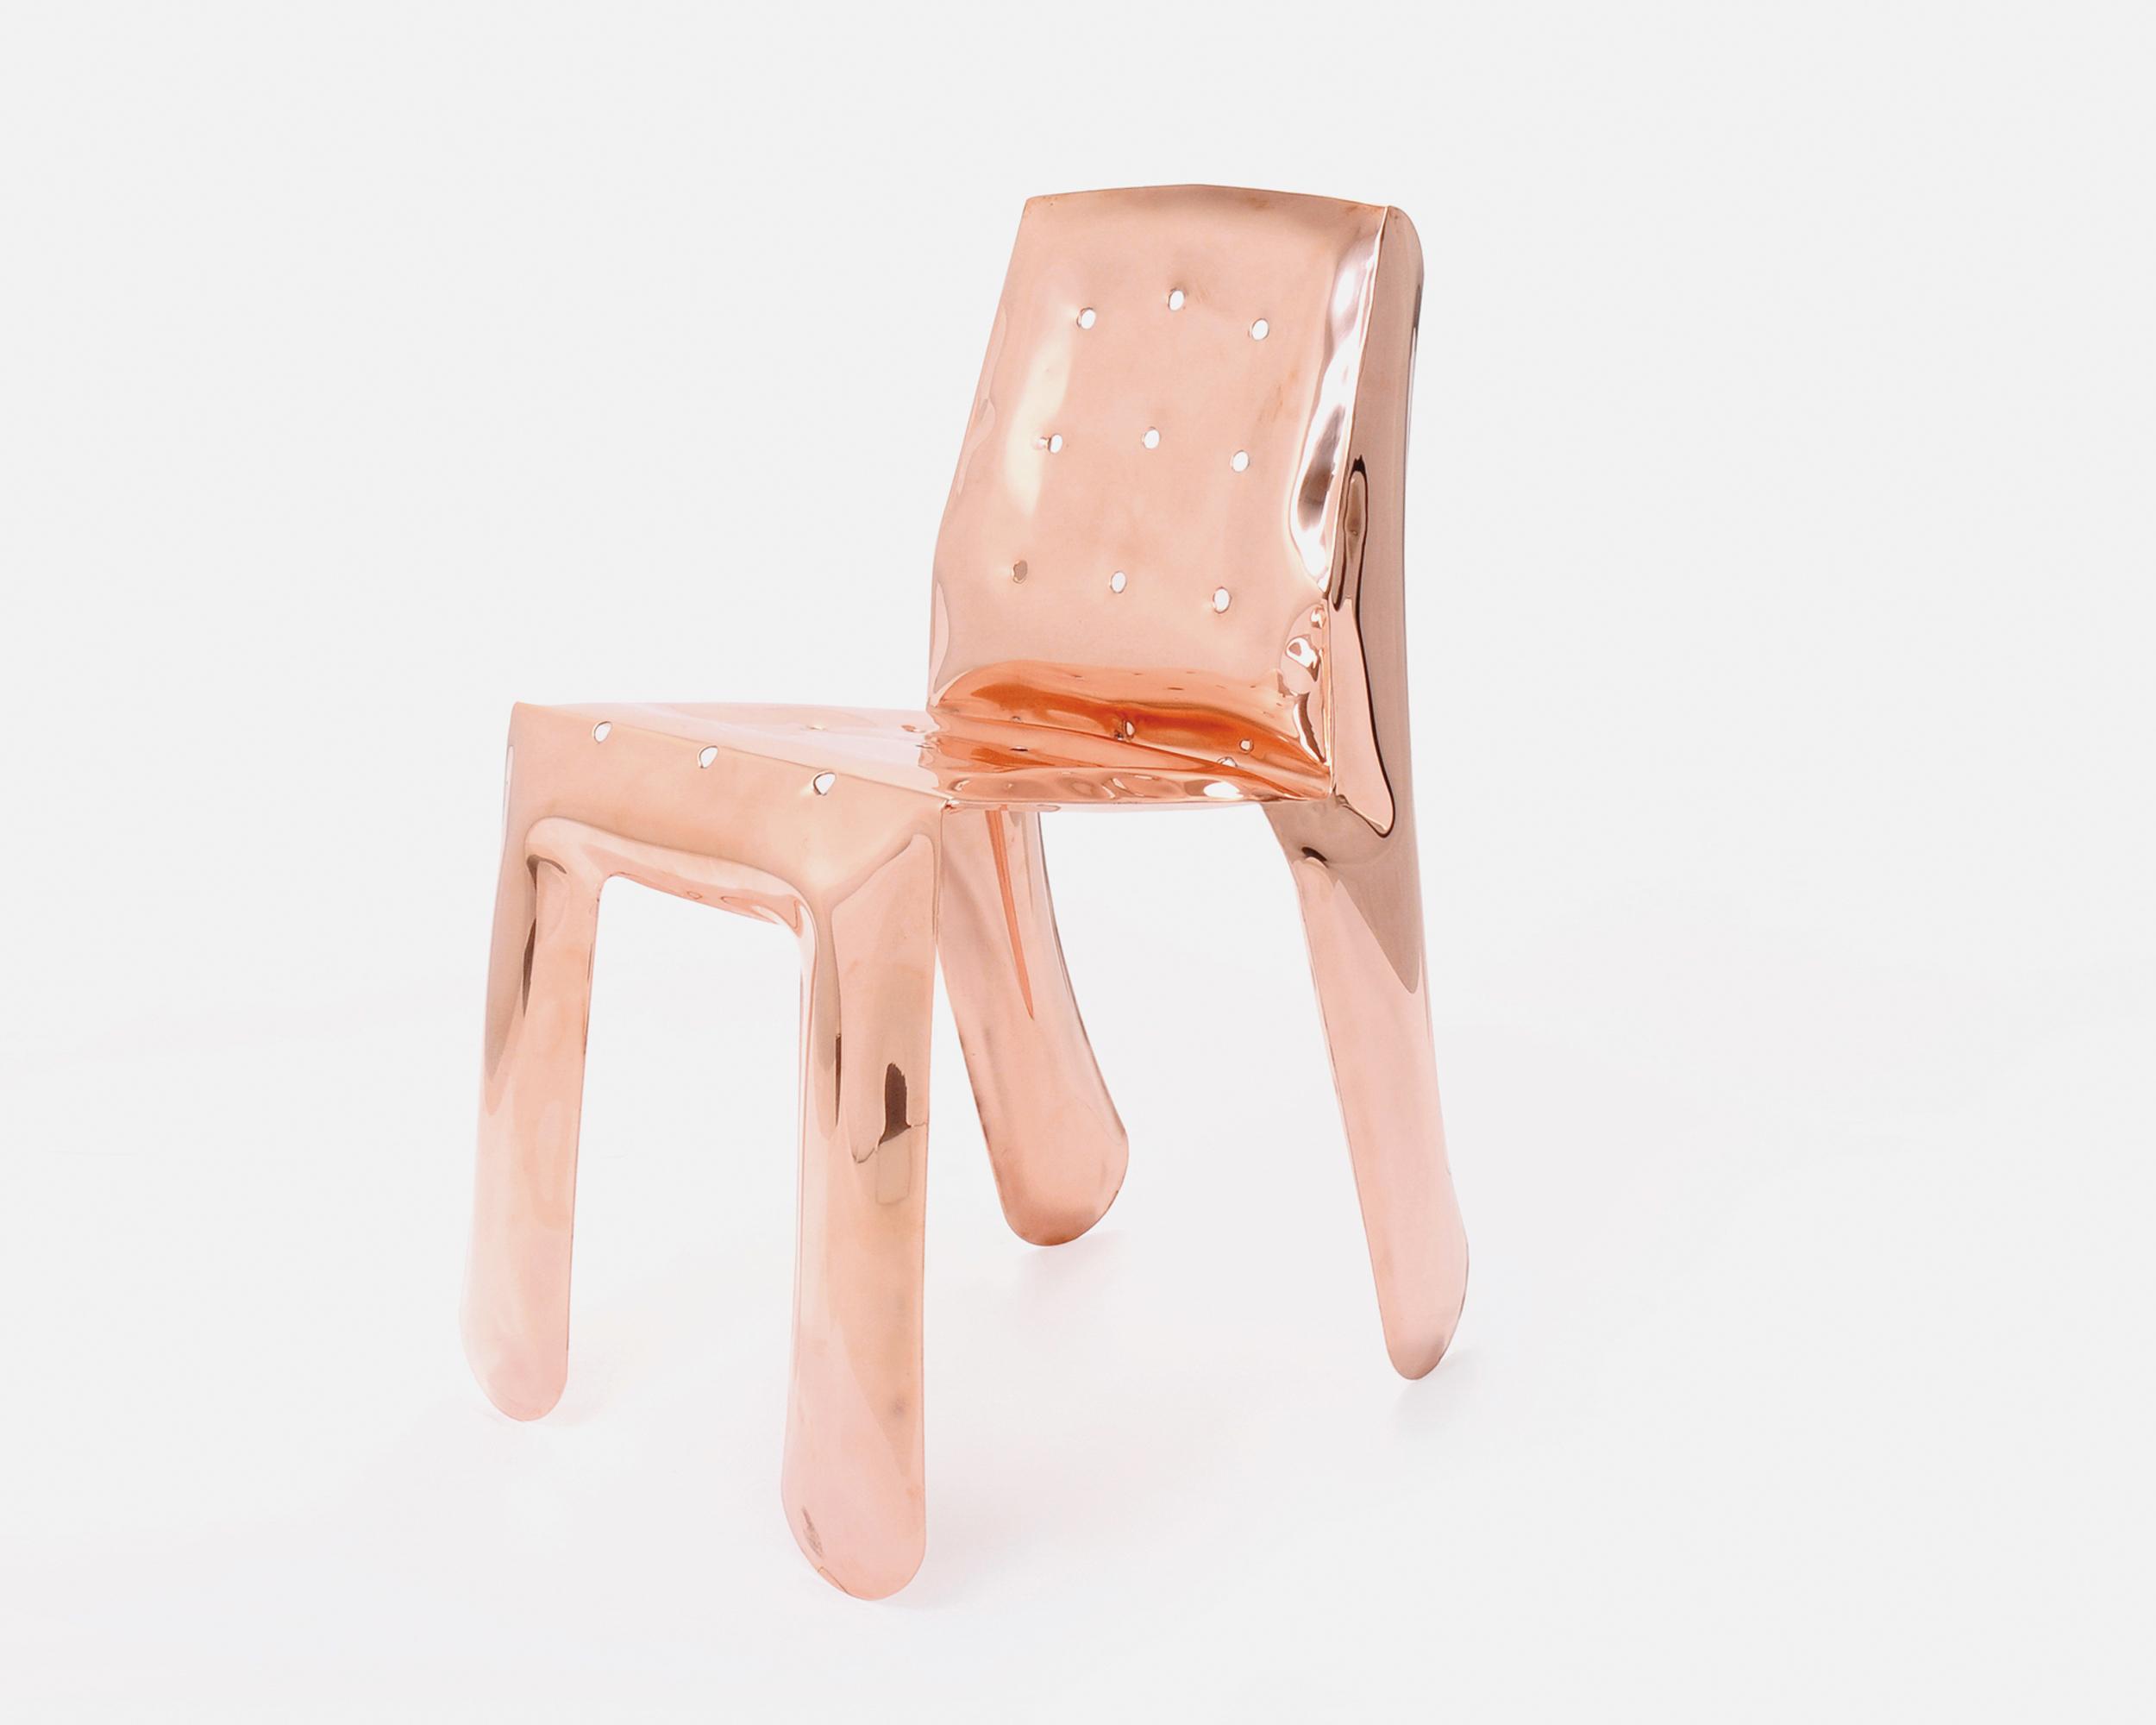 Zieta-Prozessdesign-Chair-Savannah-Bay-Gallery-2